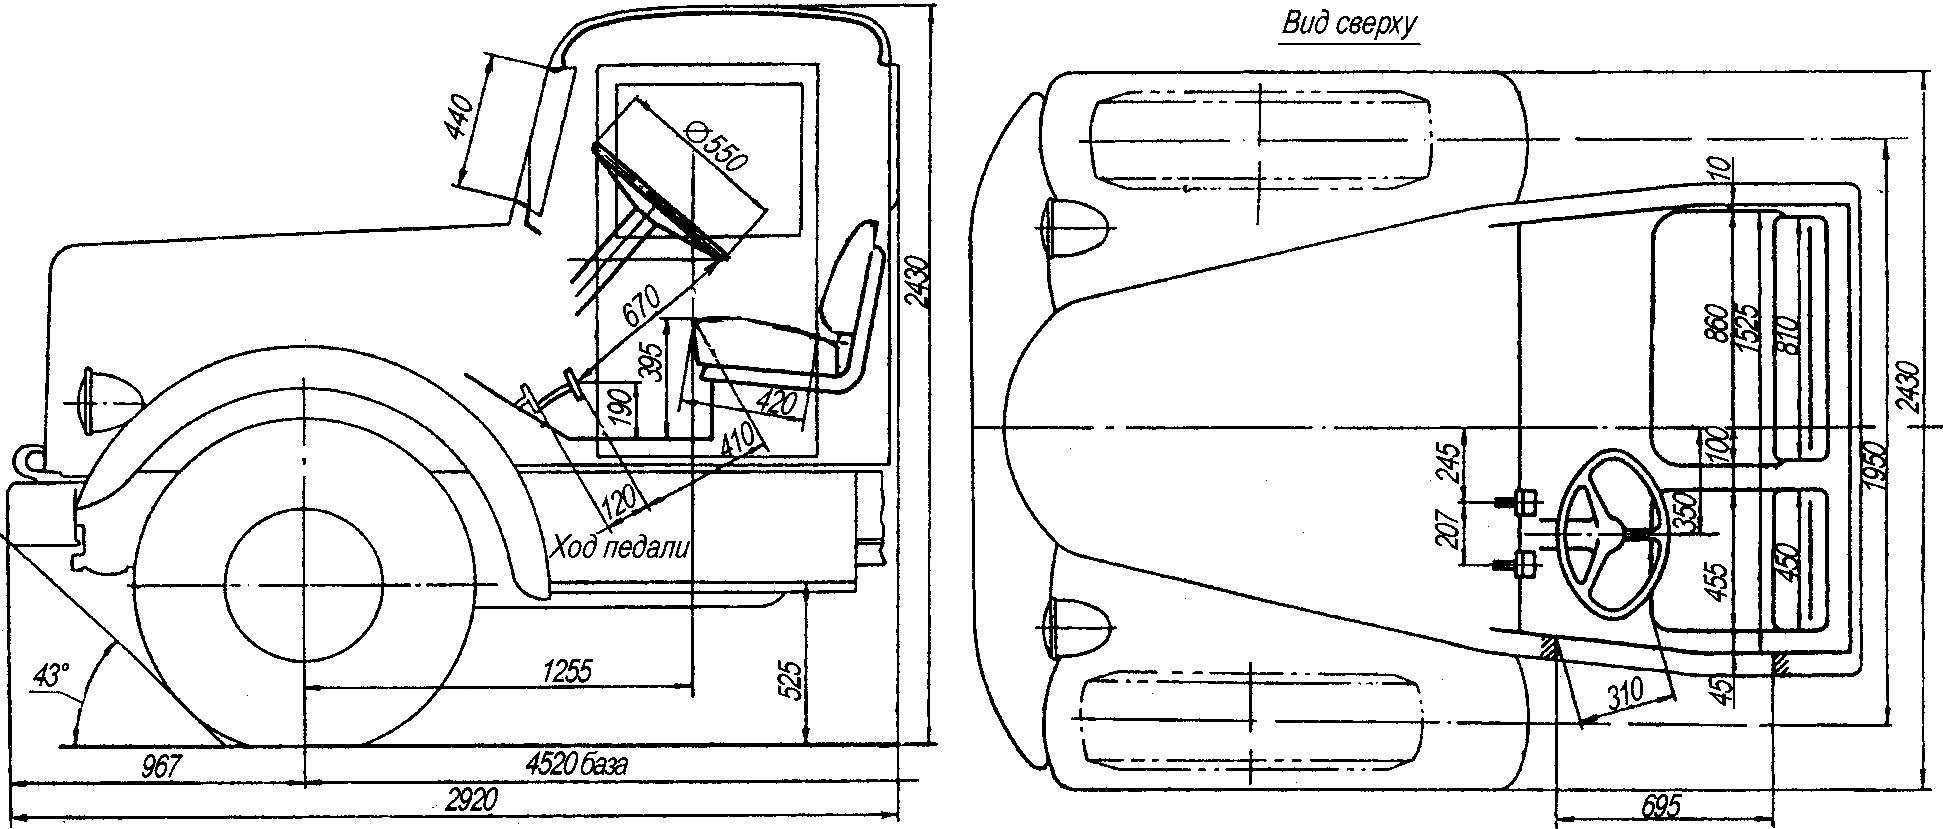 Основные размеры кабины автомобиля МАЗ-200.